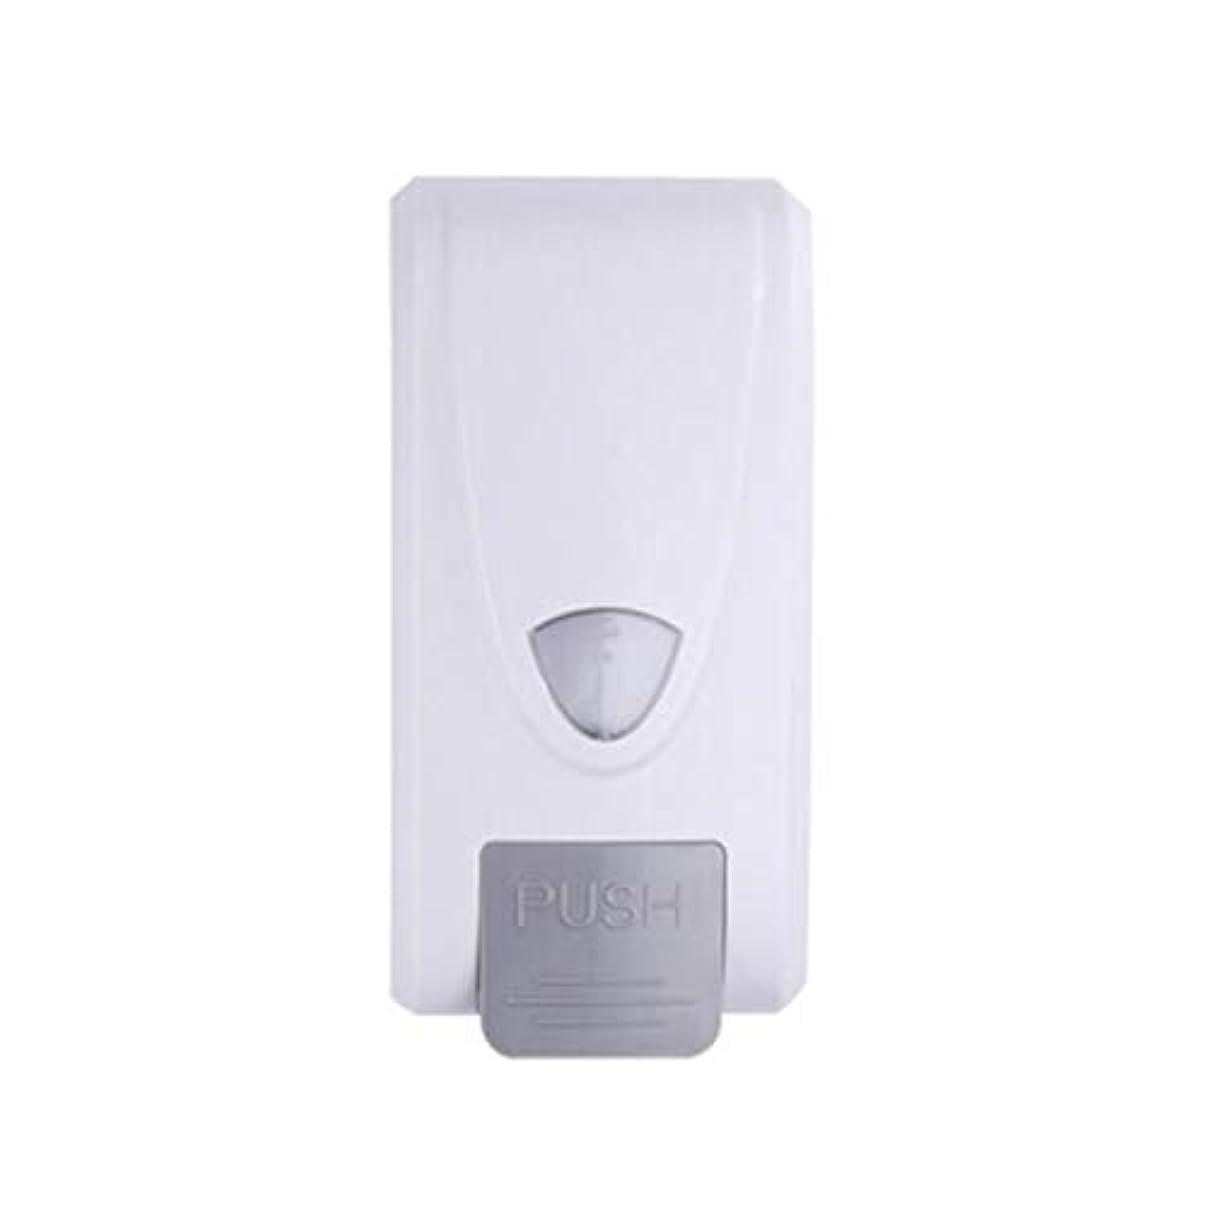 将来の重荷流Kylinssh 手動石鹸ディスペンサーキッチン浴室壁掛け石鹸ディスペンサー液体石鹸容器シャンプーゲルチャンバーディスペンサーシングルヘッドマニュアルプラスチック